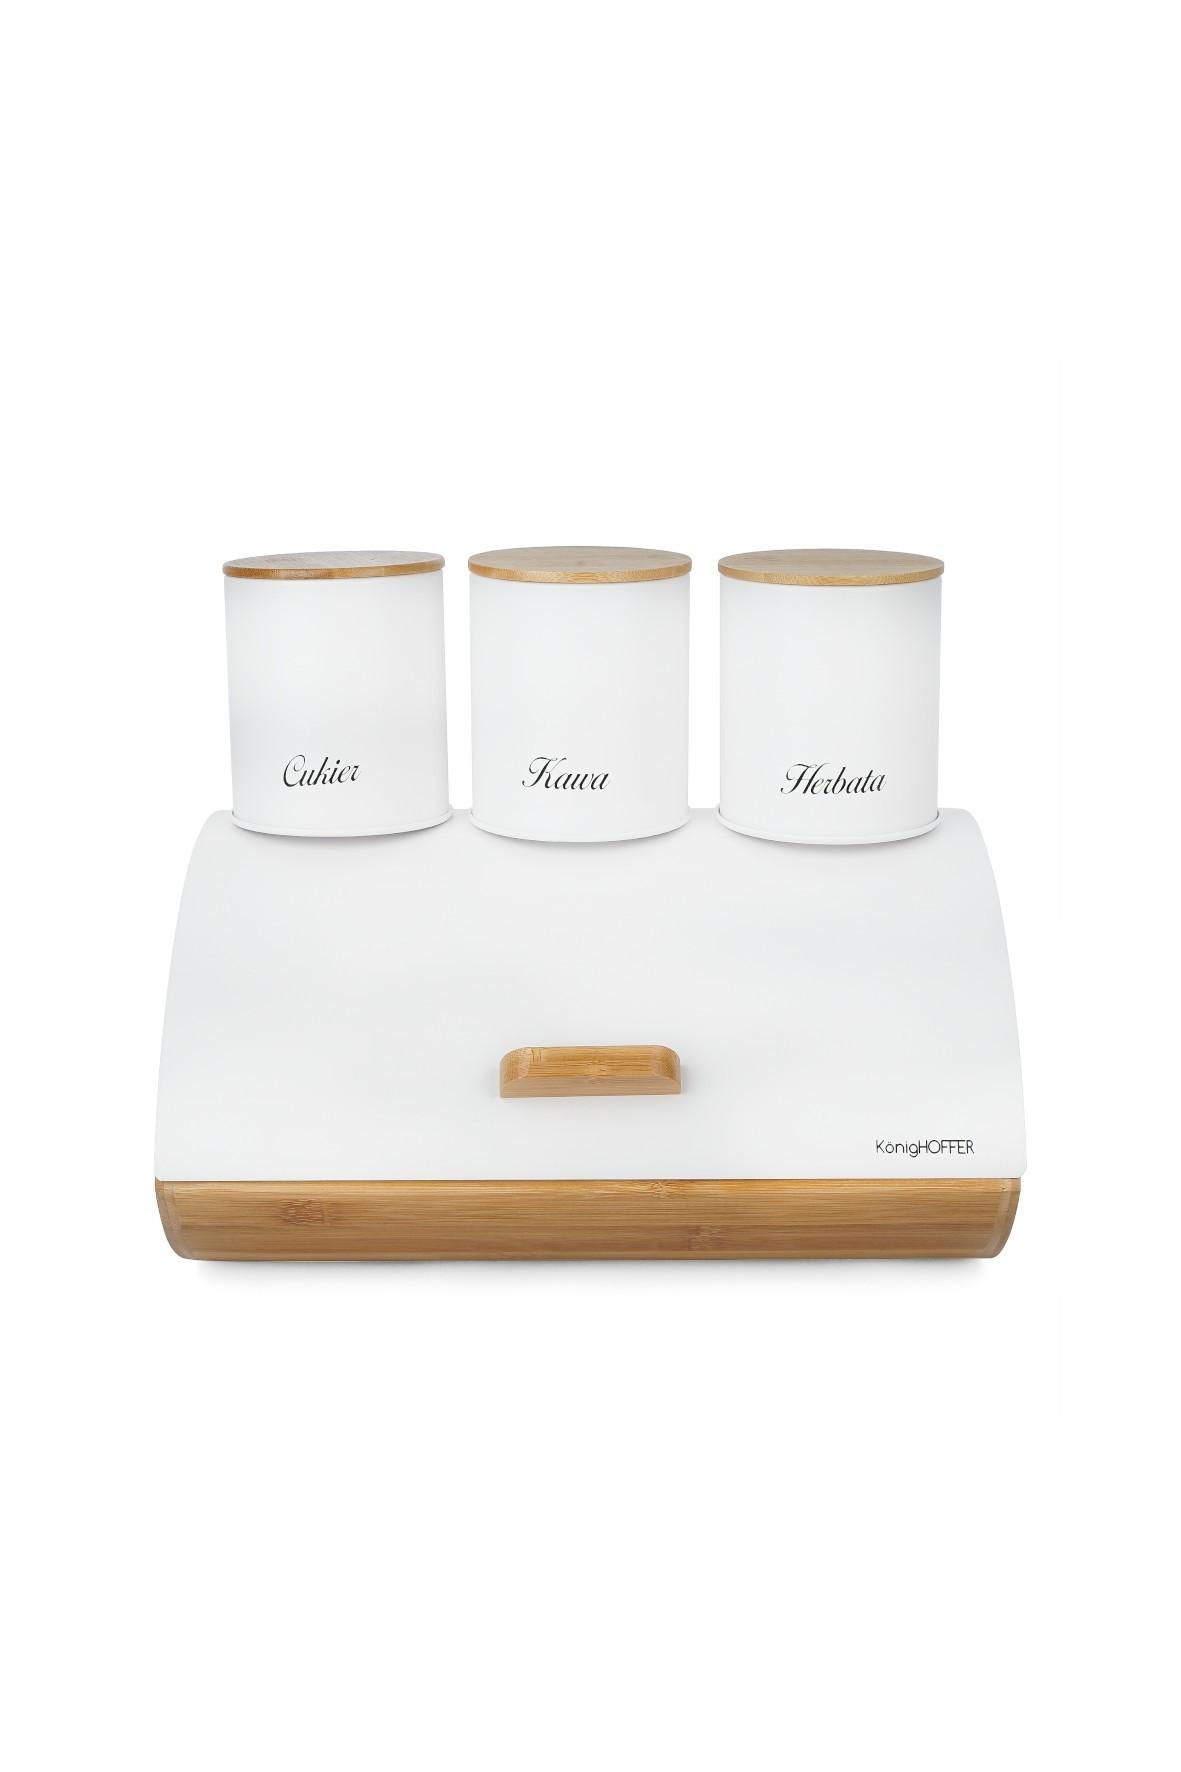 Bambusowy chlebak i 3 metalowe pojemniki na produkty sypkie